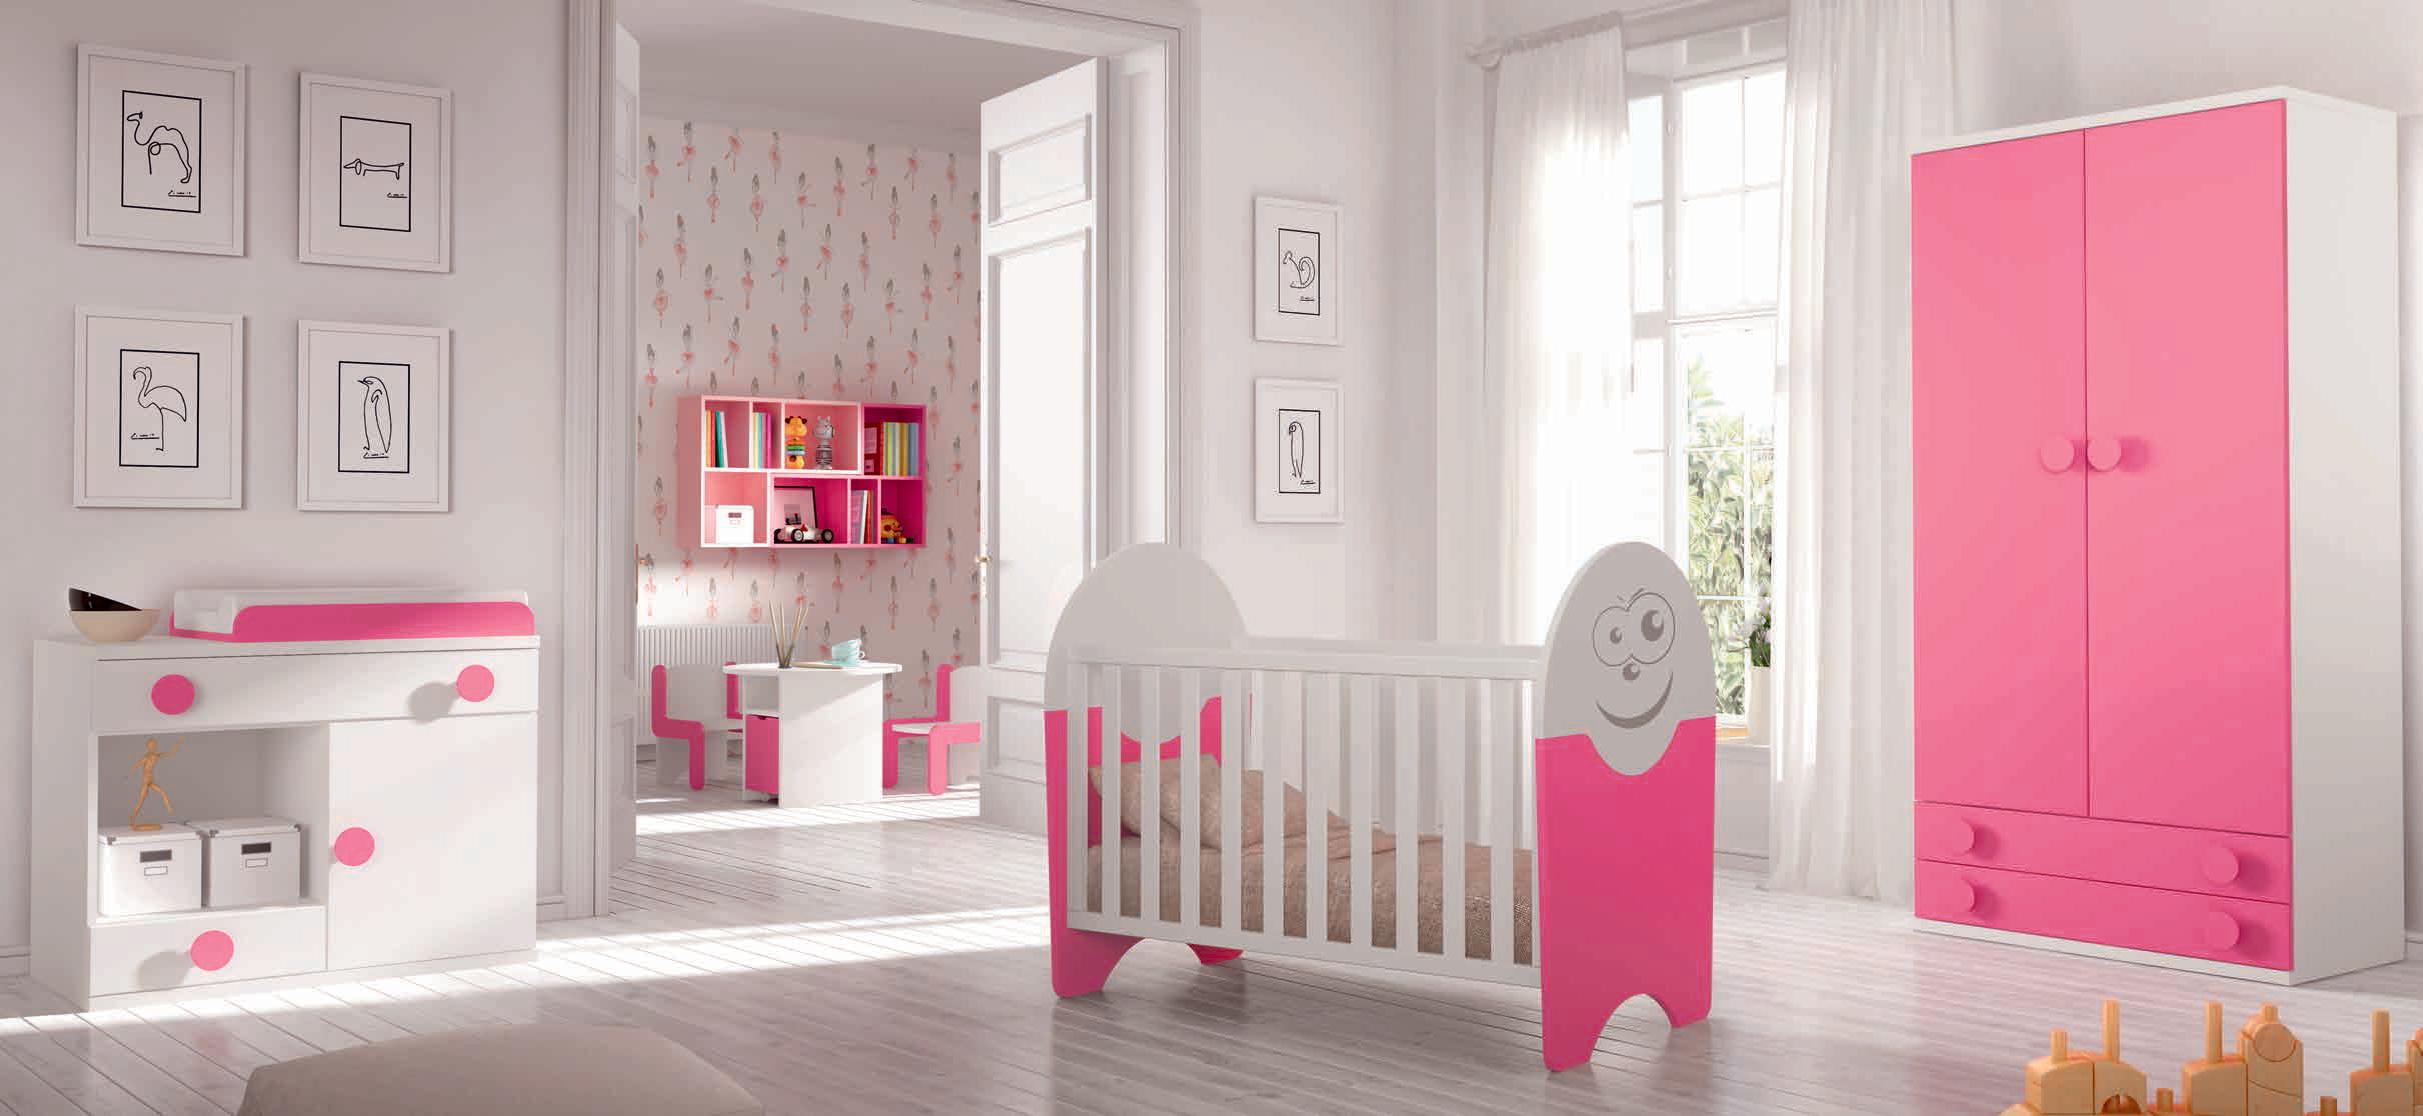 Chambre de princesse pour petite fille - Peinture pour chambre de fille ...